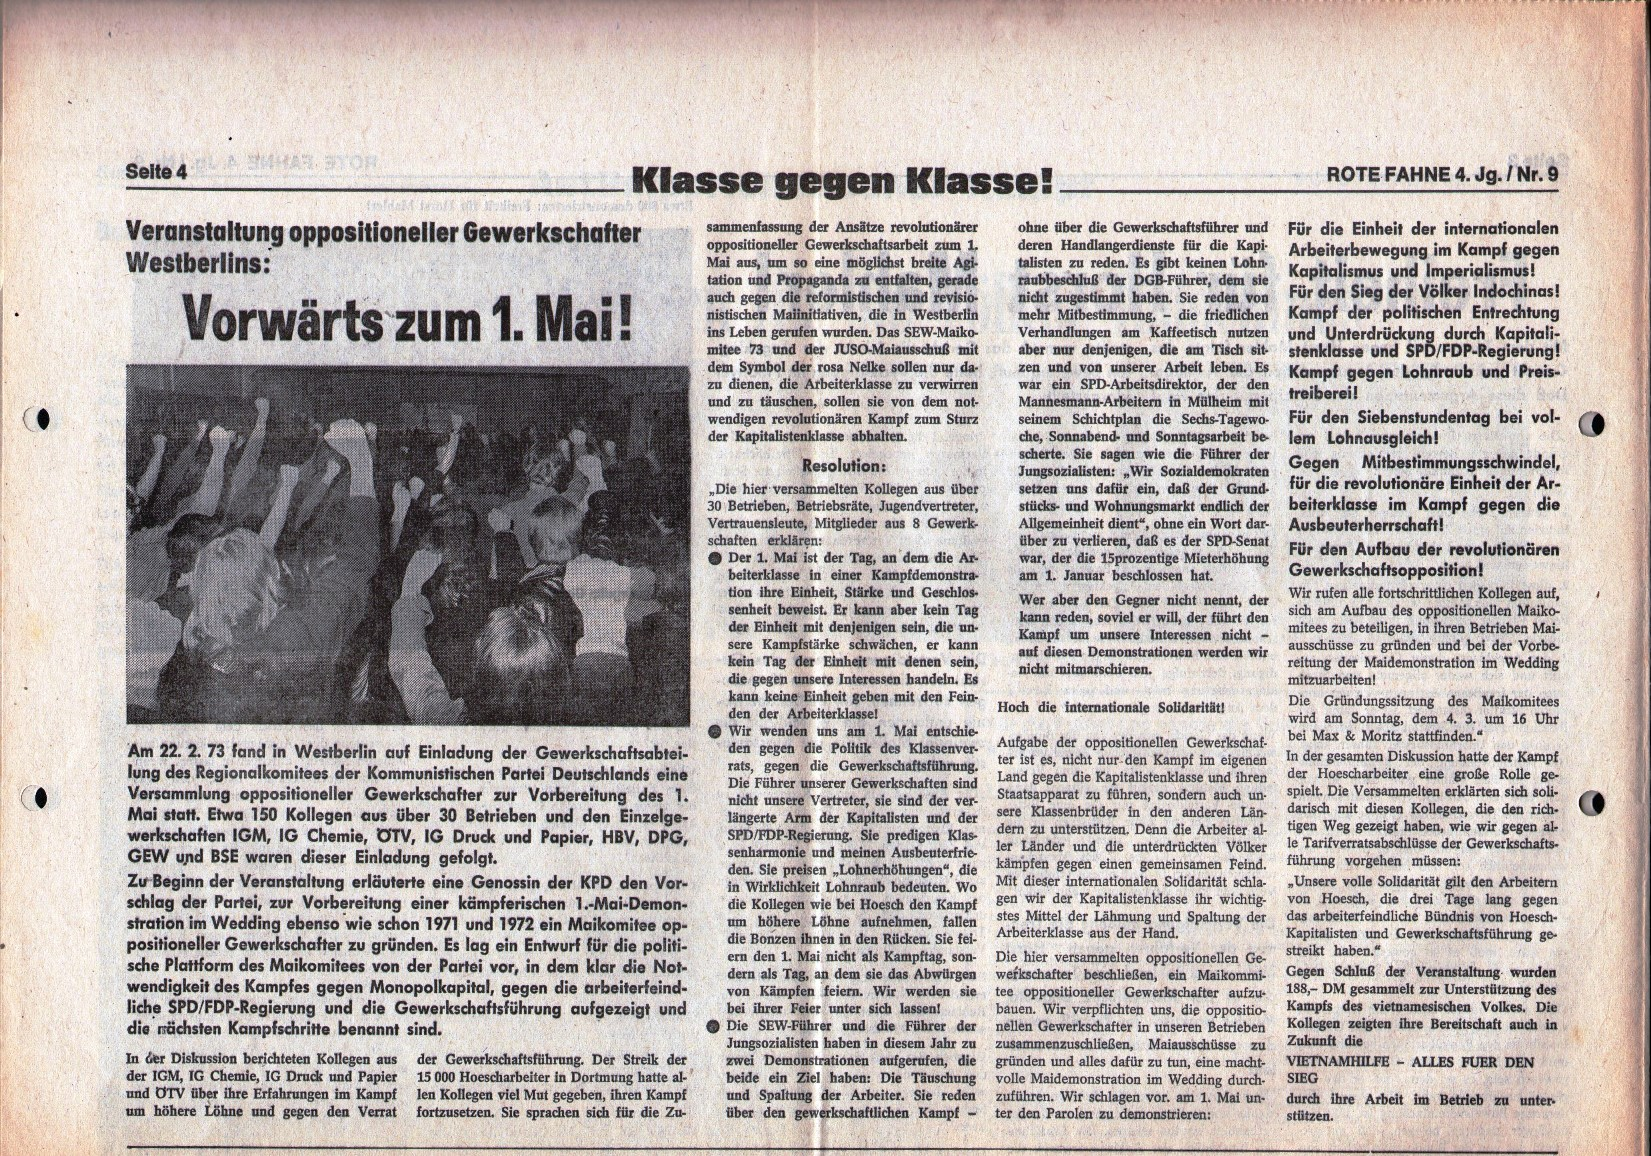 KPD_Rote_Fahne_1973_09_07